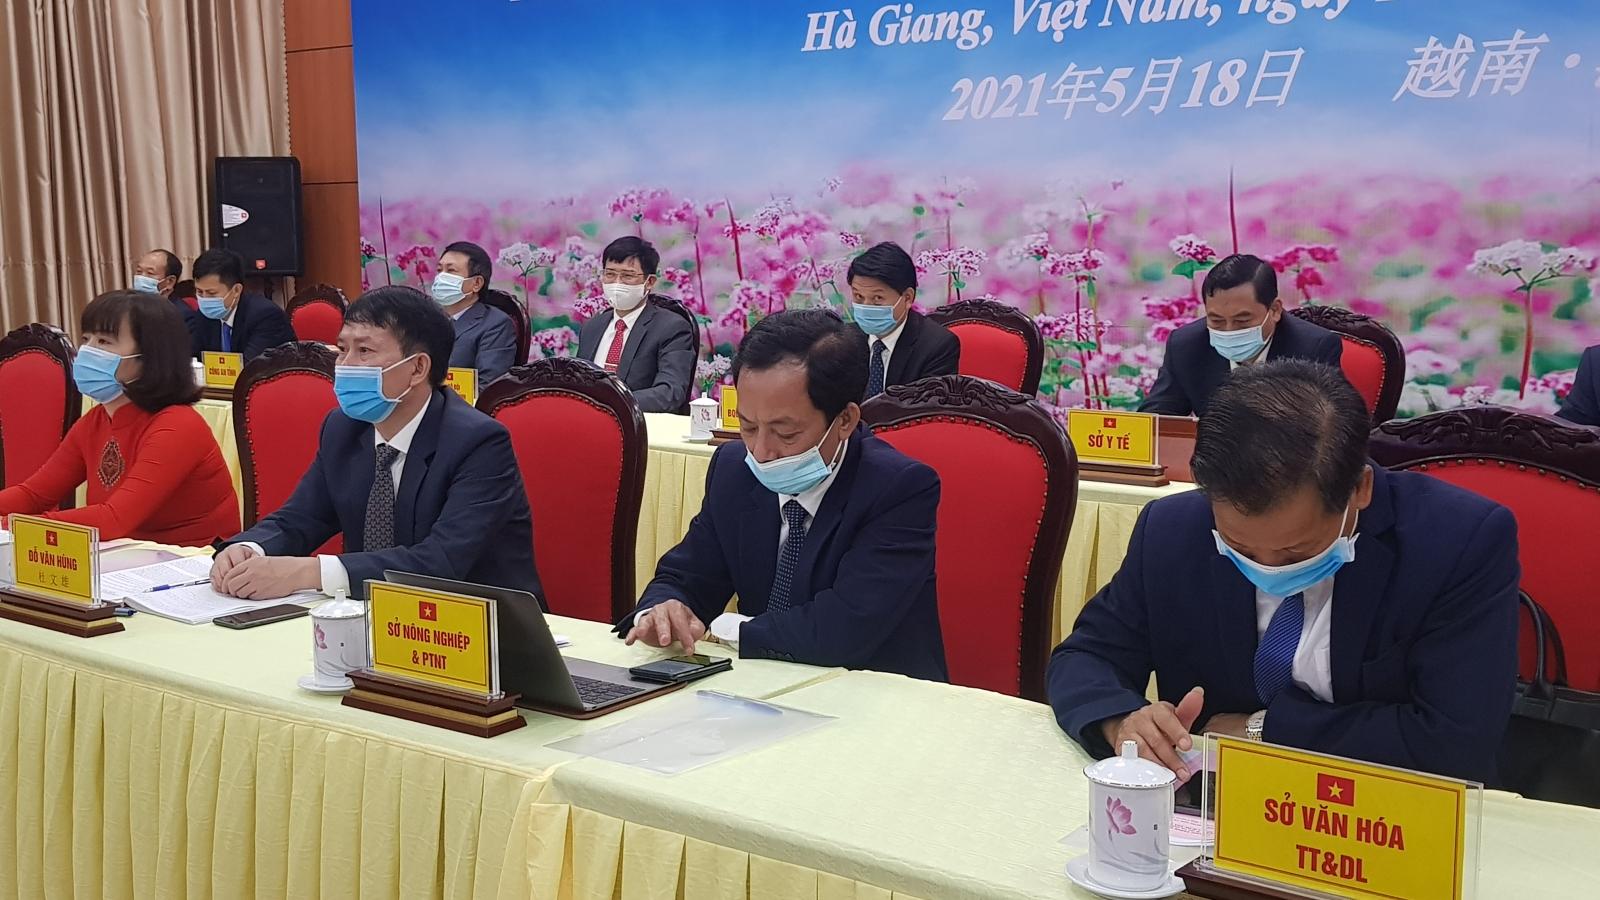 Bốn bí thư tỉnh ủy ở Việt Nam gặp gỡ trực tuyến bí thư tỉnh ủy Vân Nam, Trung Quốc